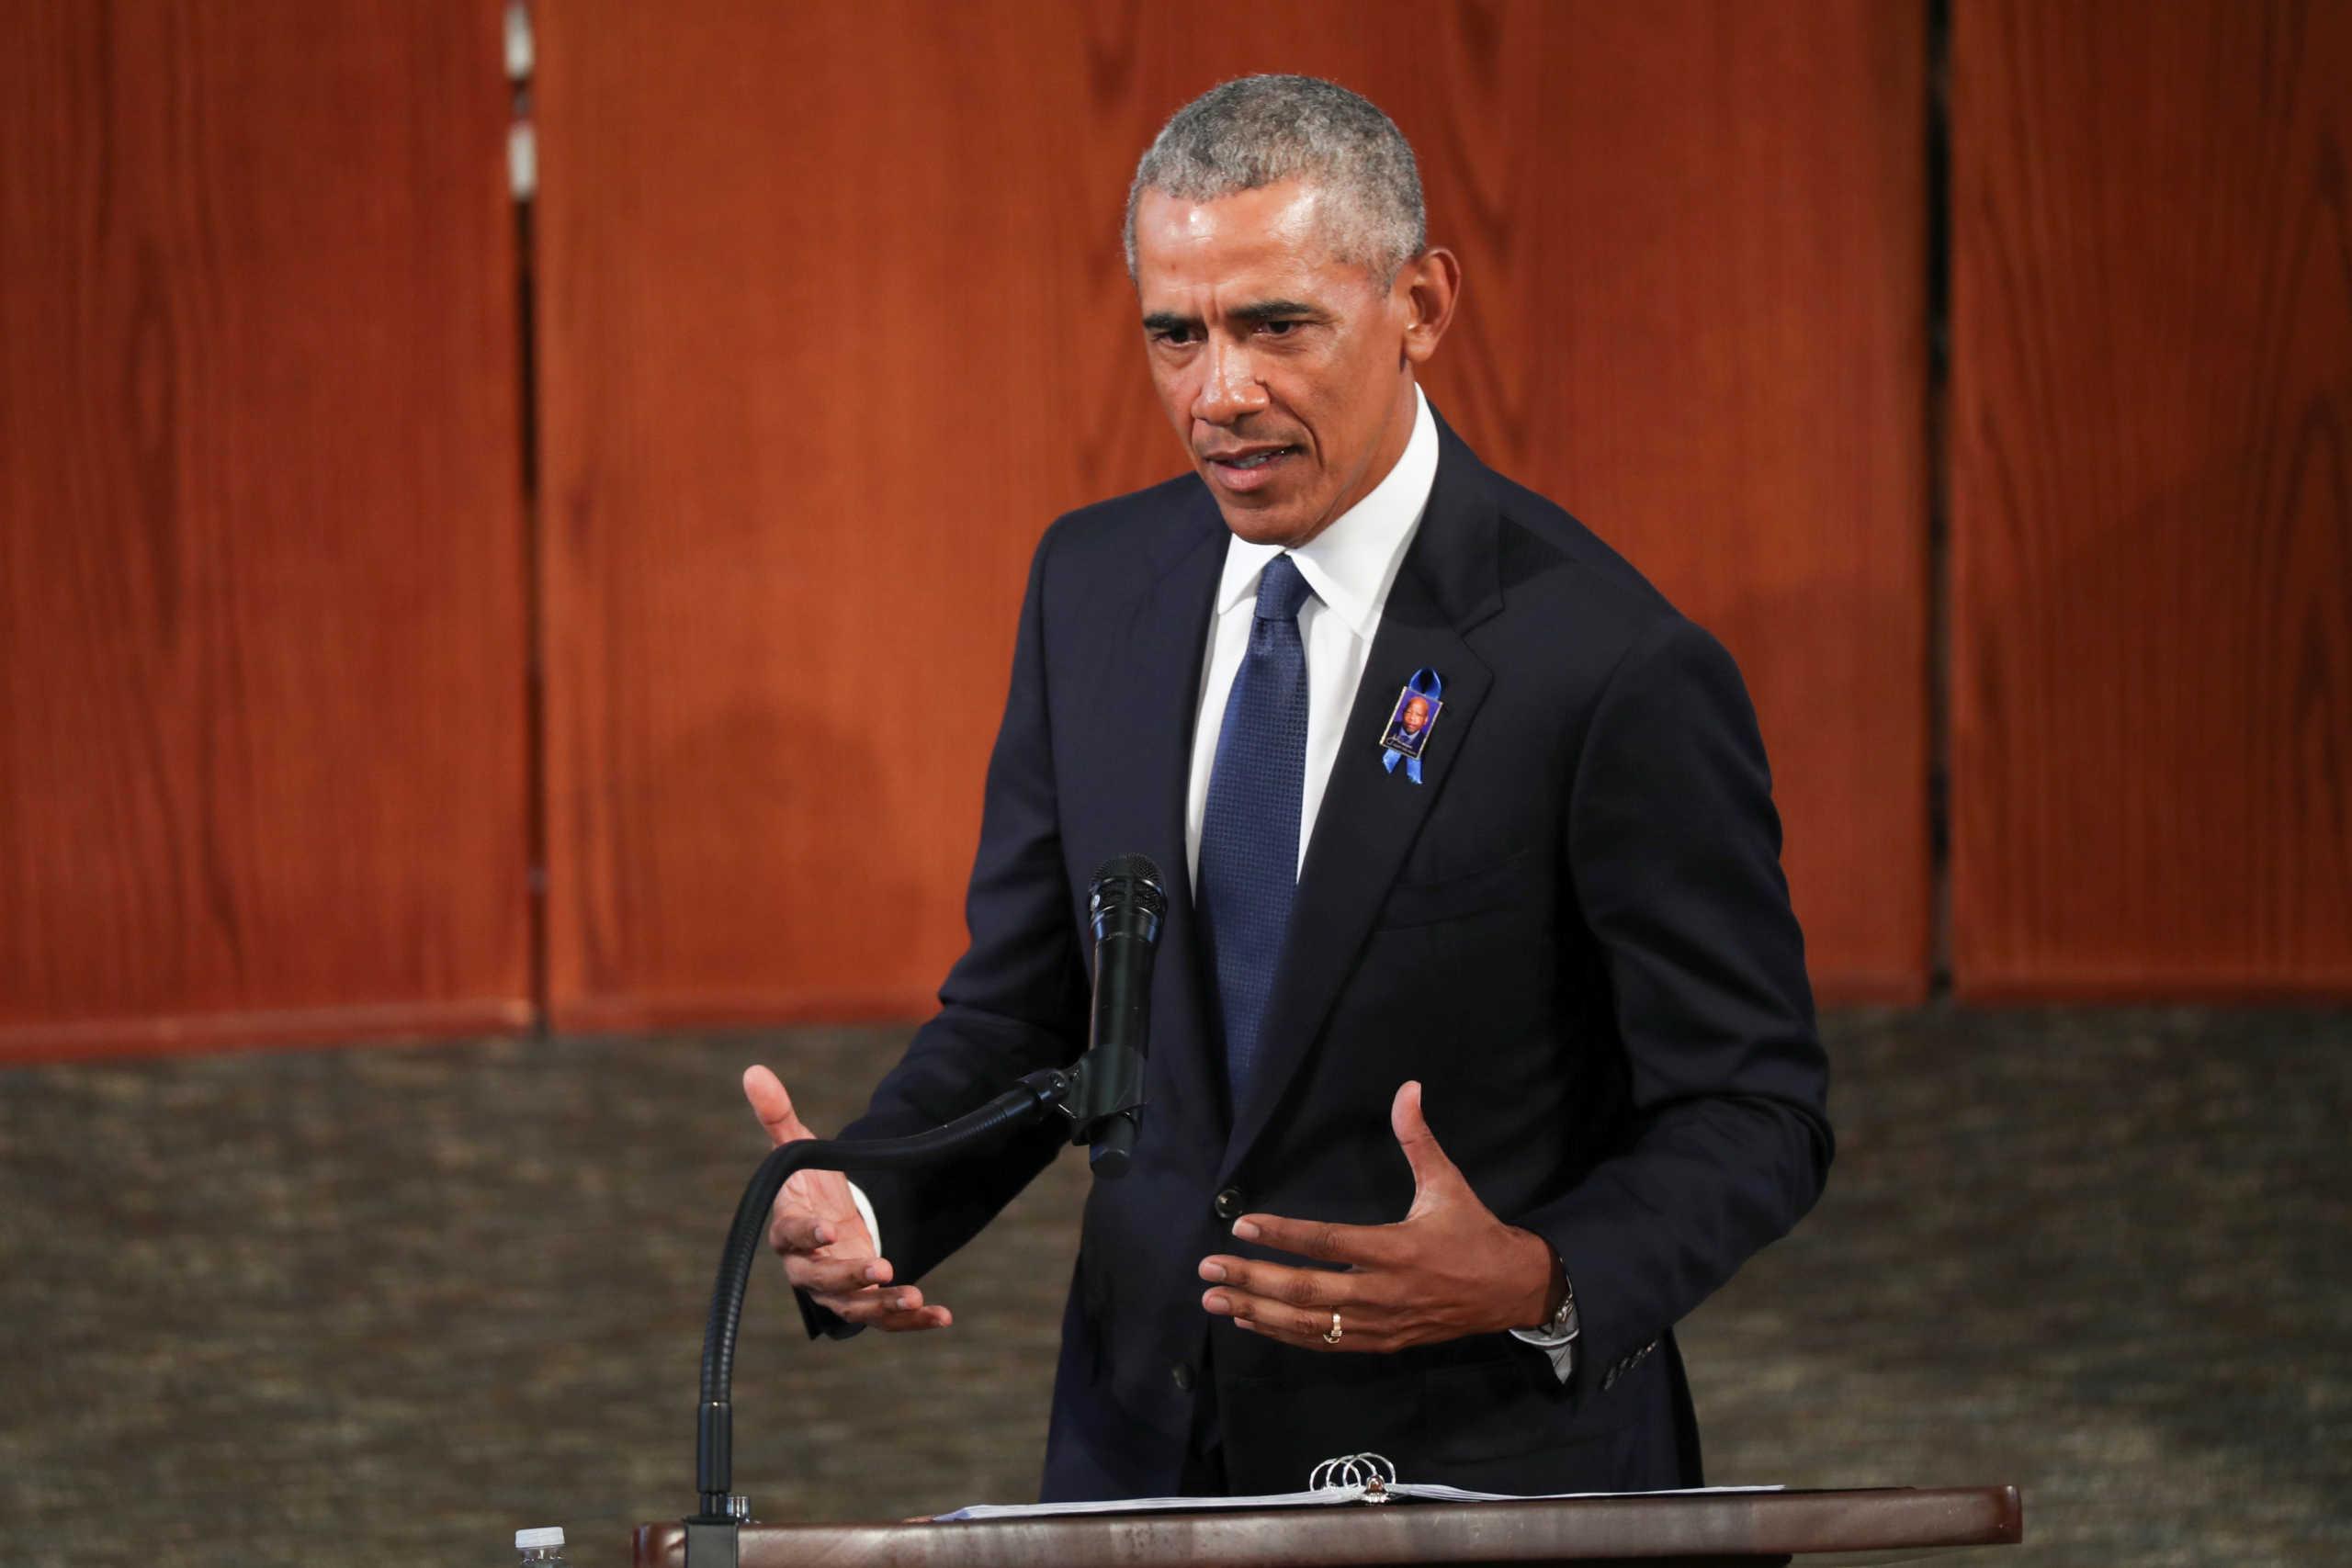 Ομπάμα στο YouTube: Μιλά για την αυτοβιογραφία του και τον Μπομπ Ντίλαν